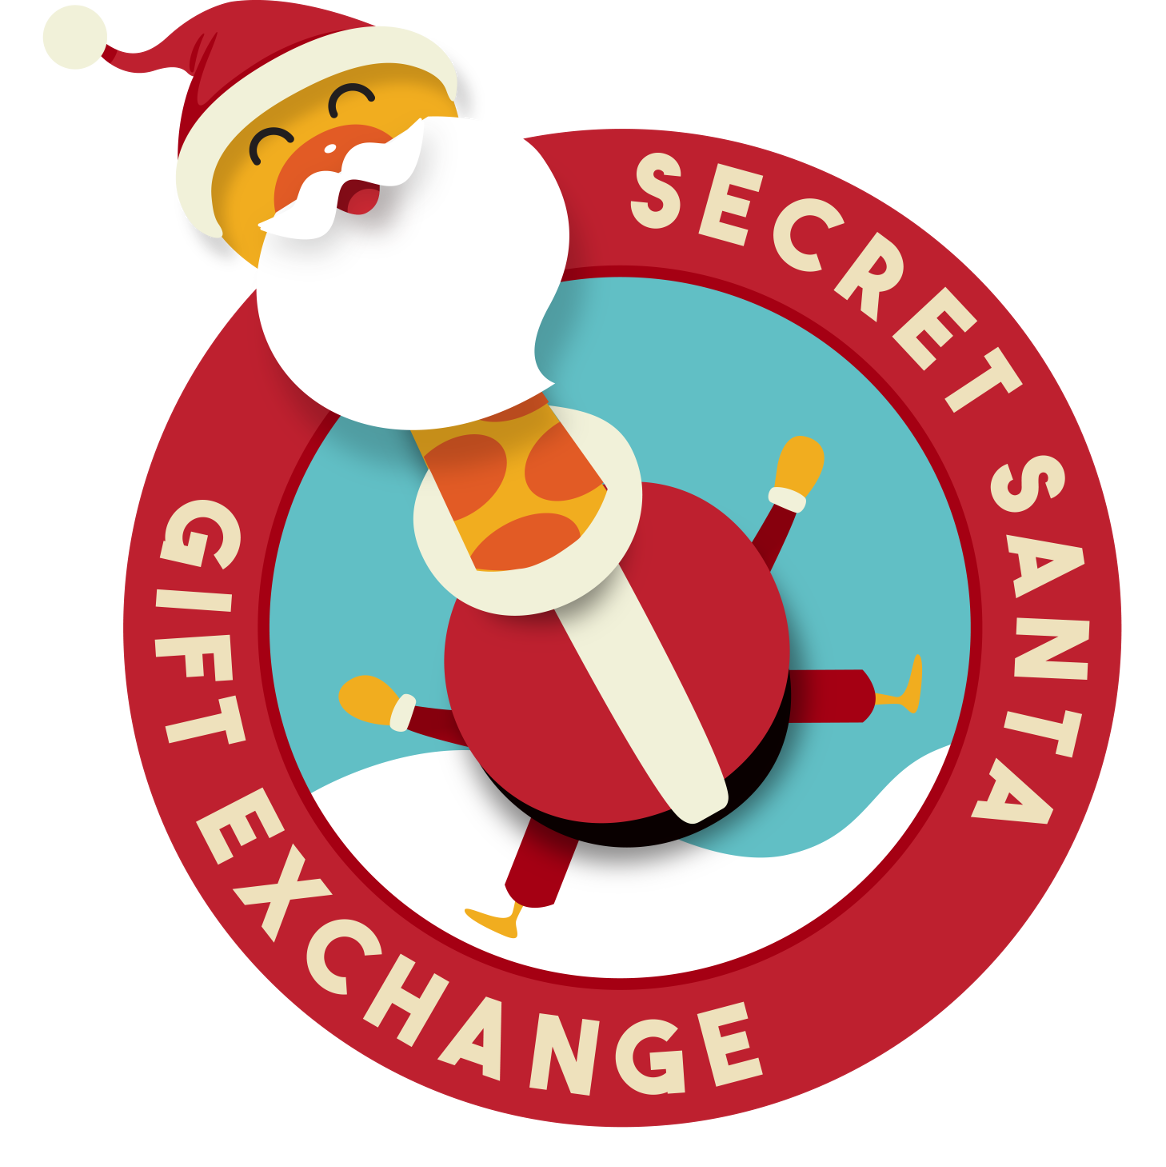 Secret Santa Clipart.